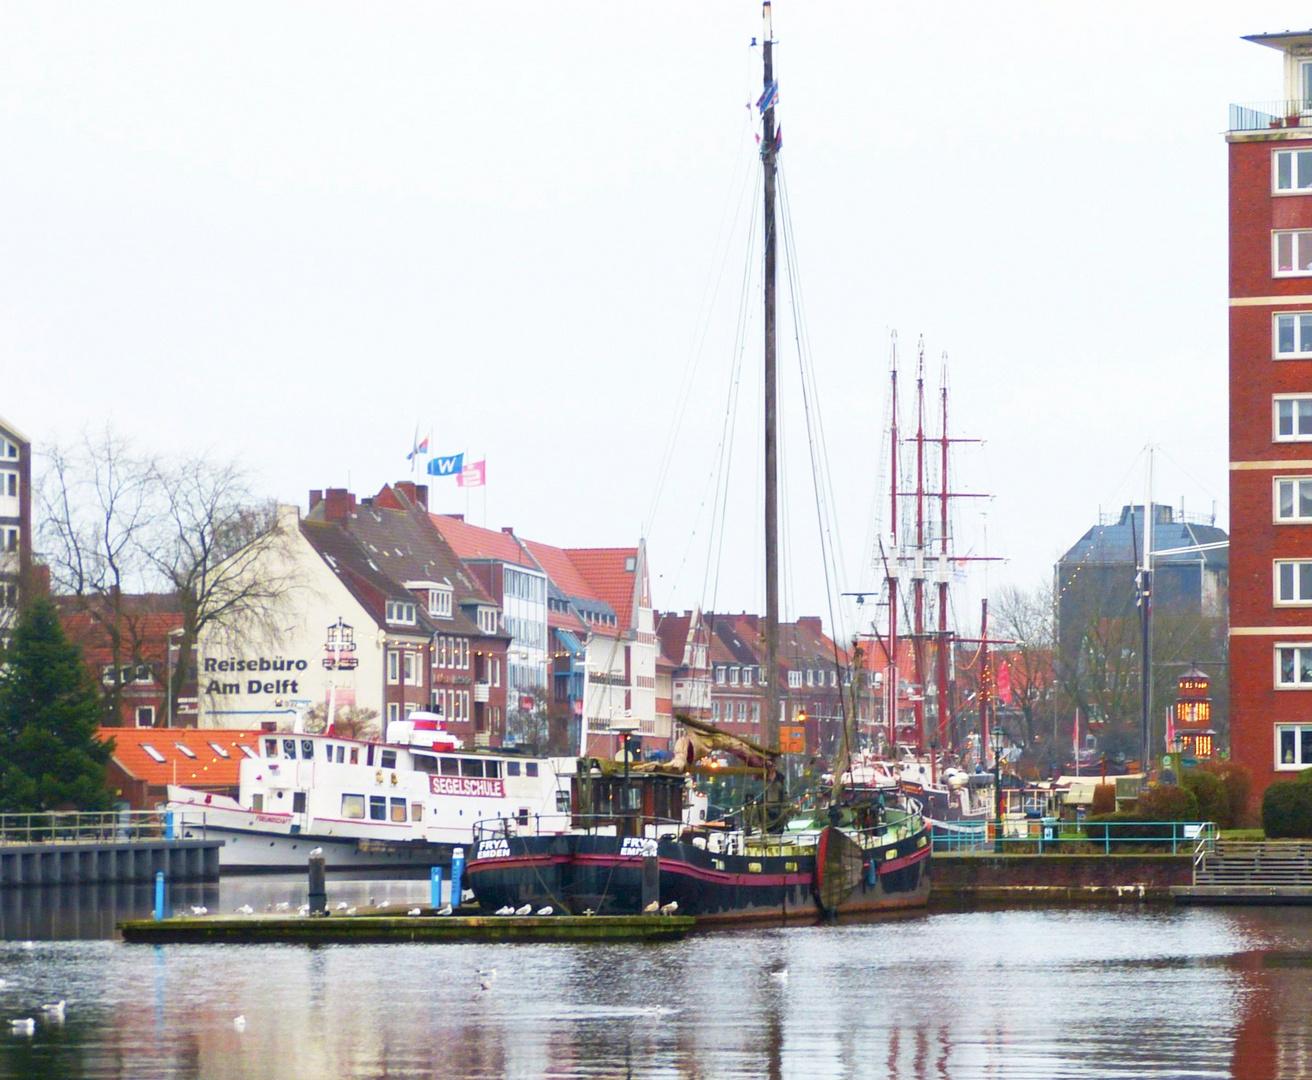 Blick vom Alten Binnenhafen zum Ratsdelft